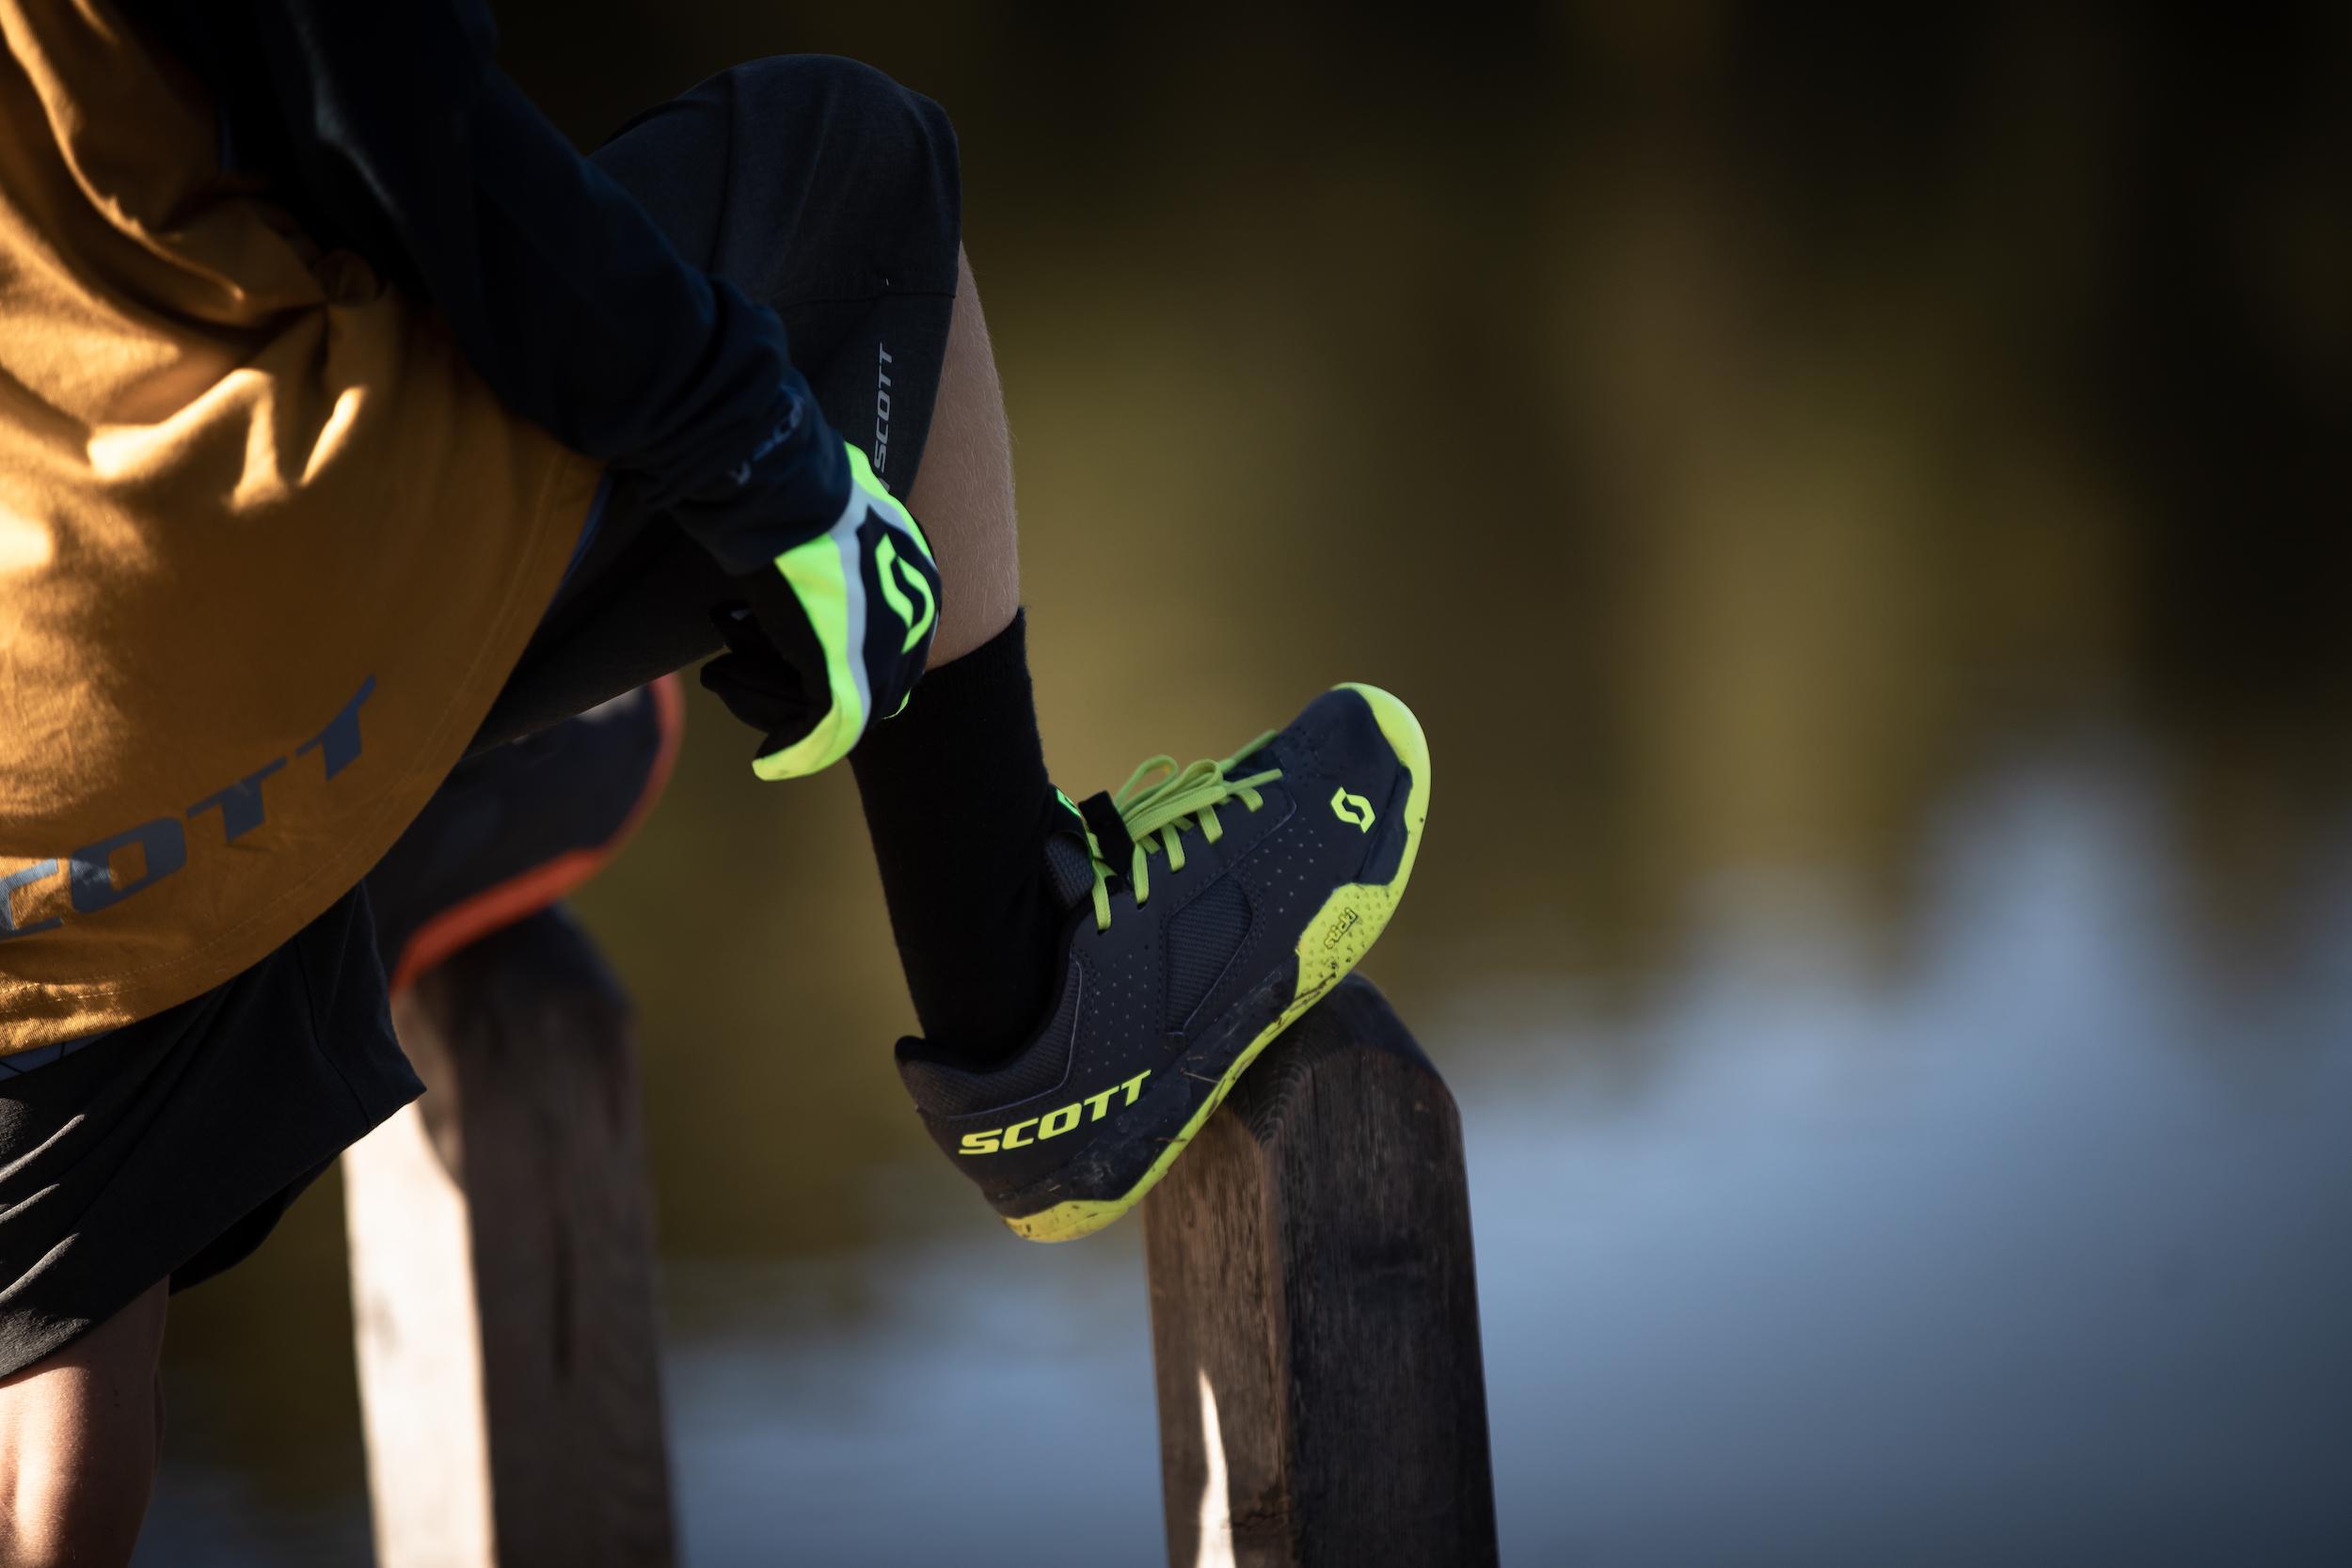 Die MTB AR Kids Schuhe sind sowohl in einer Version mit klassischer Schnürung als auch mit praktischem Klettverschluss verfügbar.